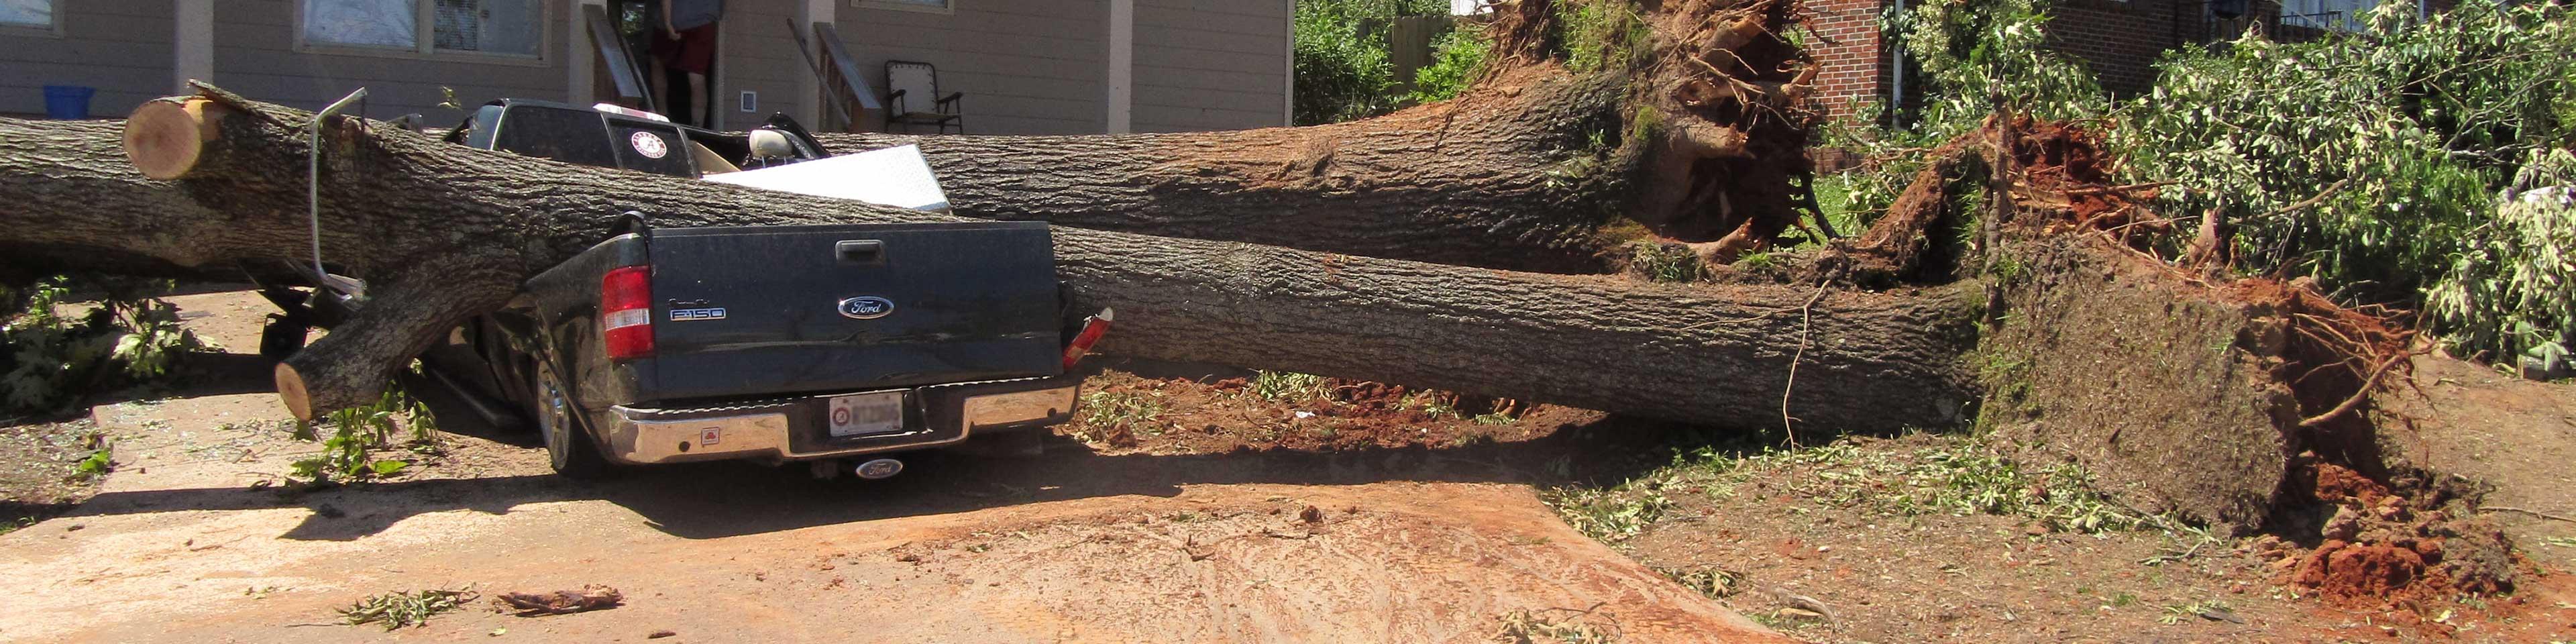 Tree fallen on pickup truck